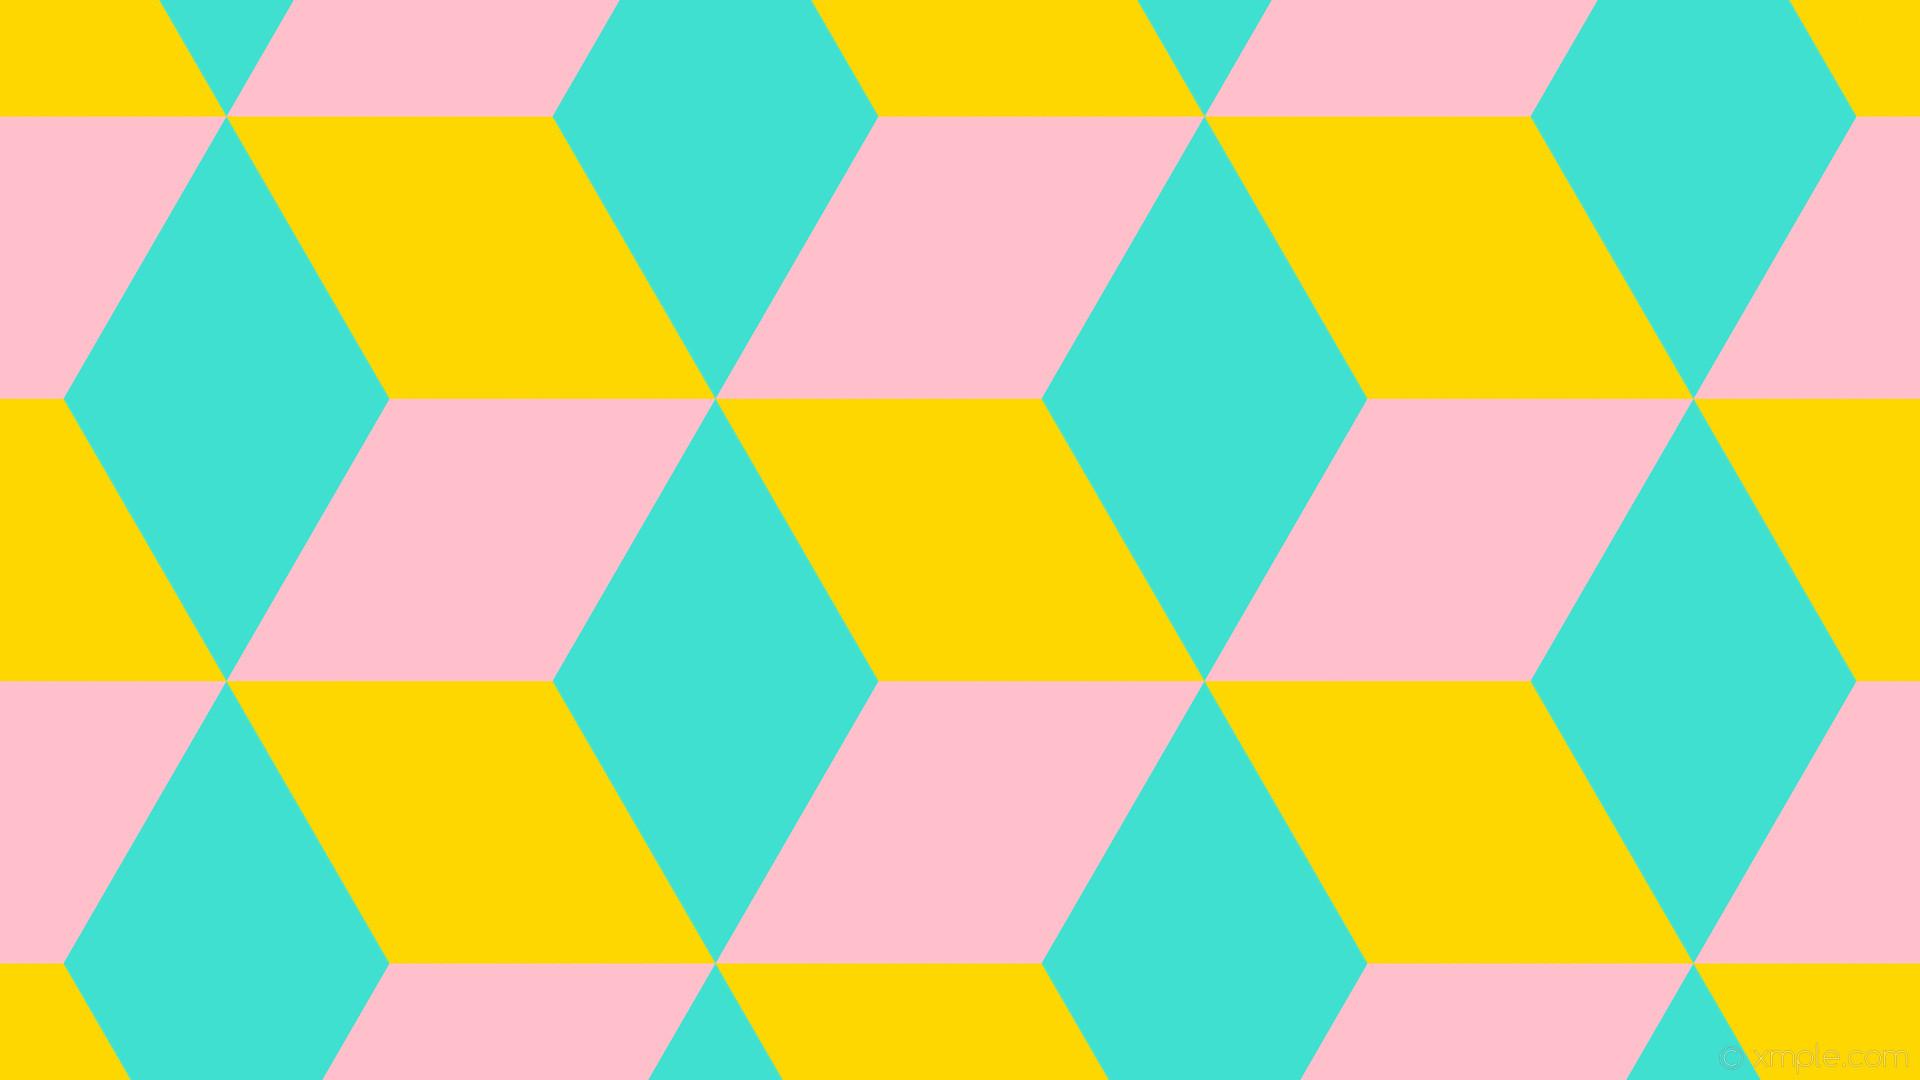 wallpaper 3d cubes yellow blue pink gold turquoise #ffd700 #40e0d0 #ffc0cb  330°